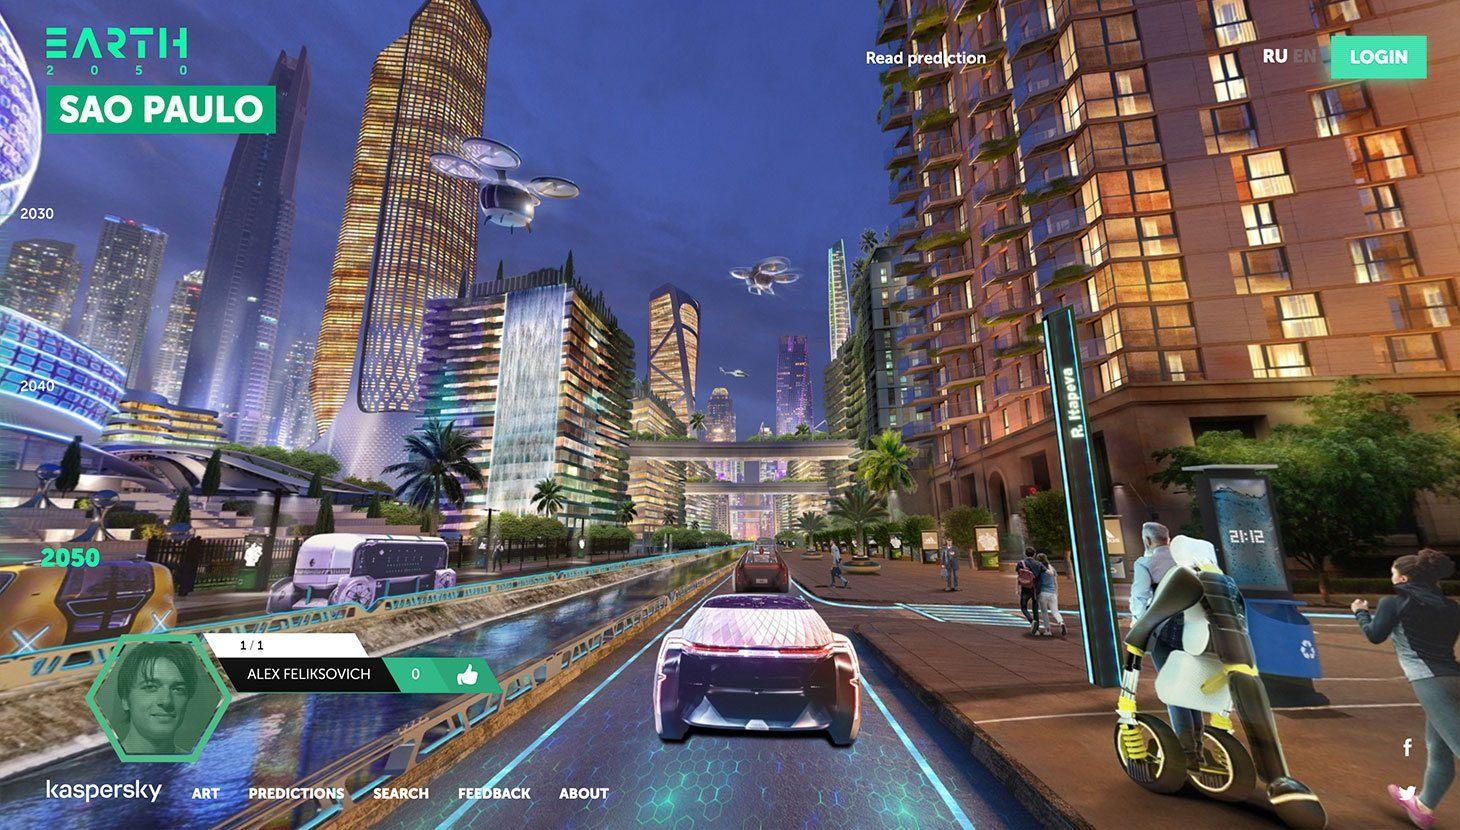 São Paulo on Earth 2050